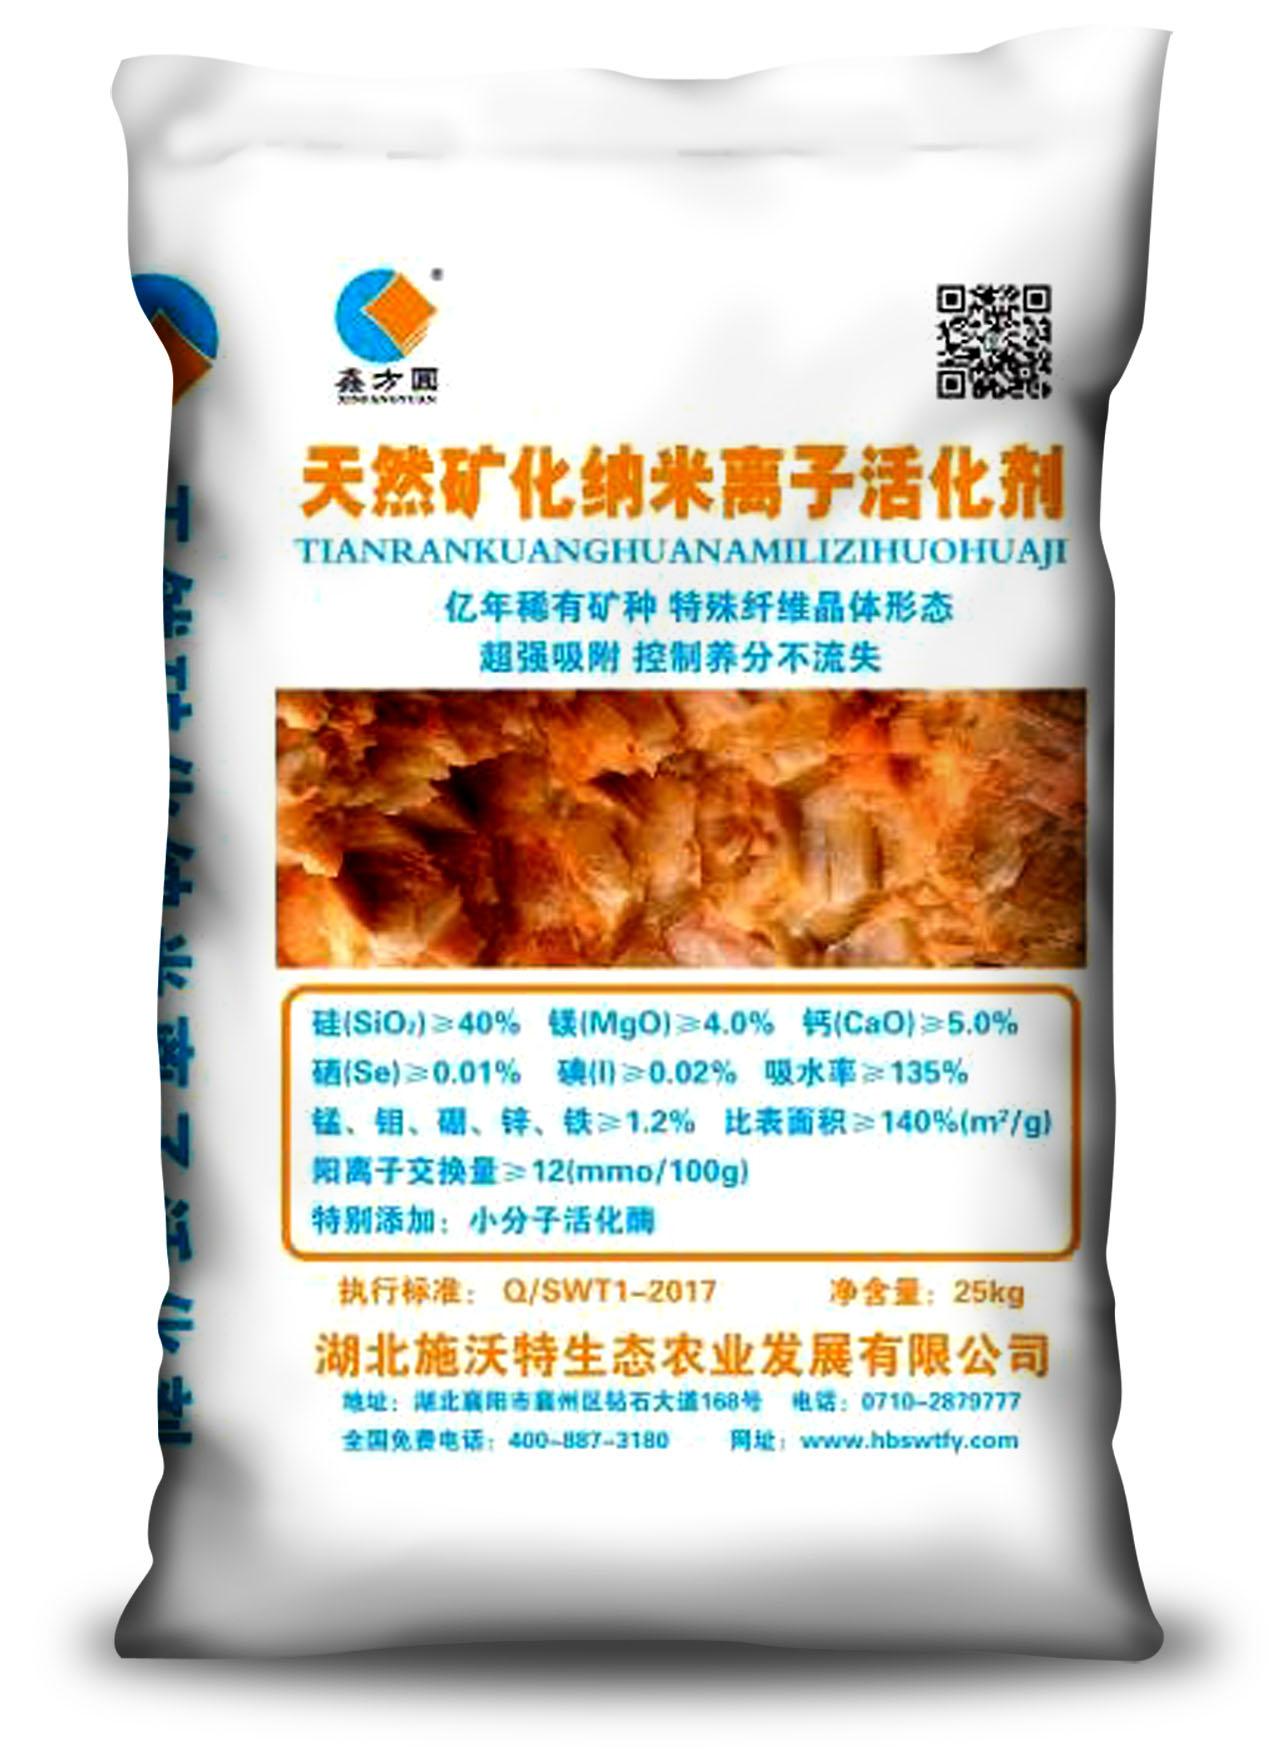 鑫方圆天然矿化纳米离子活化剂